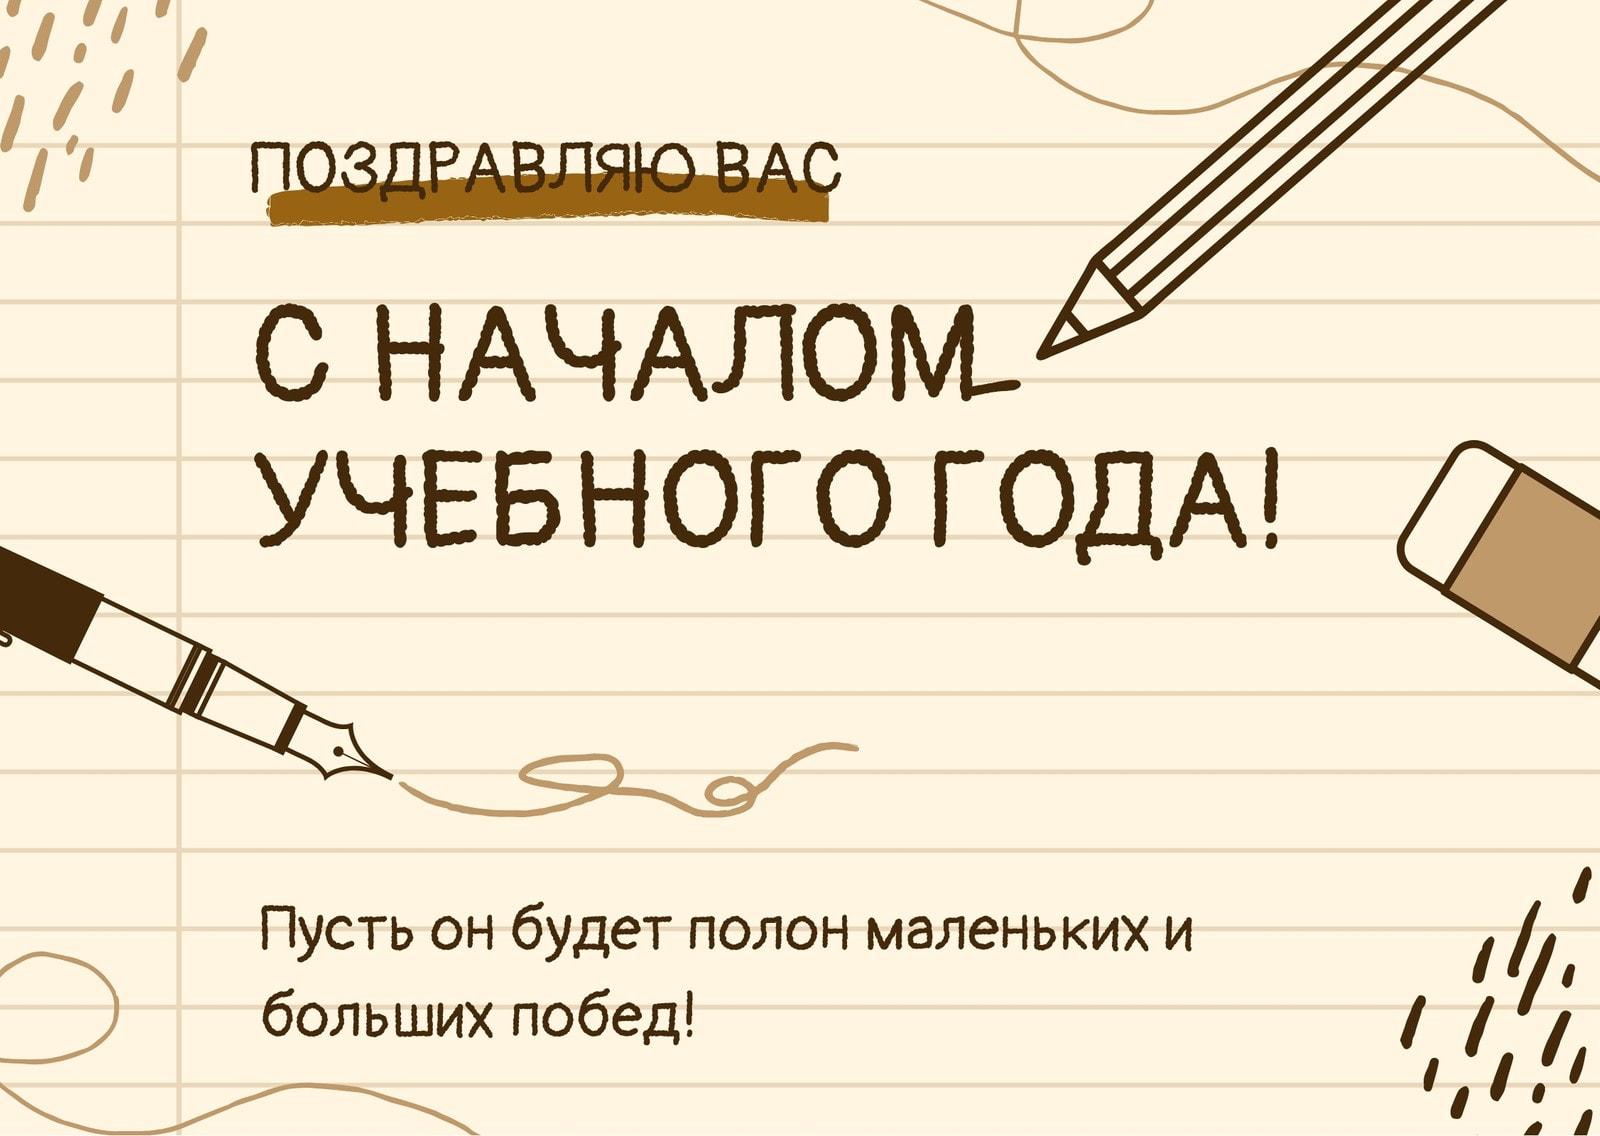 Бежевая открытка к первому звонку с линованной страницей и графикой